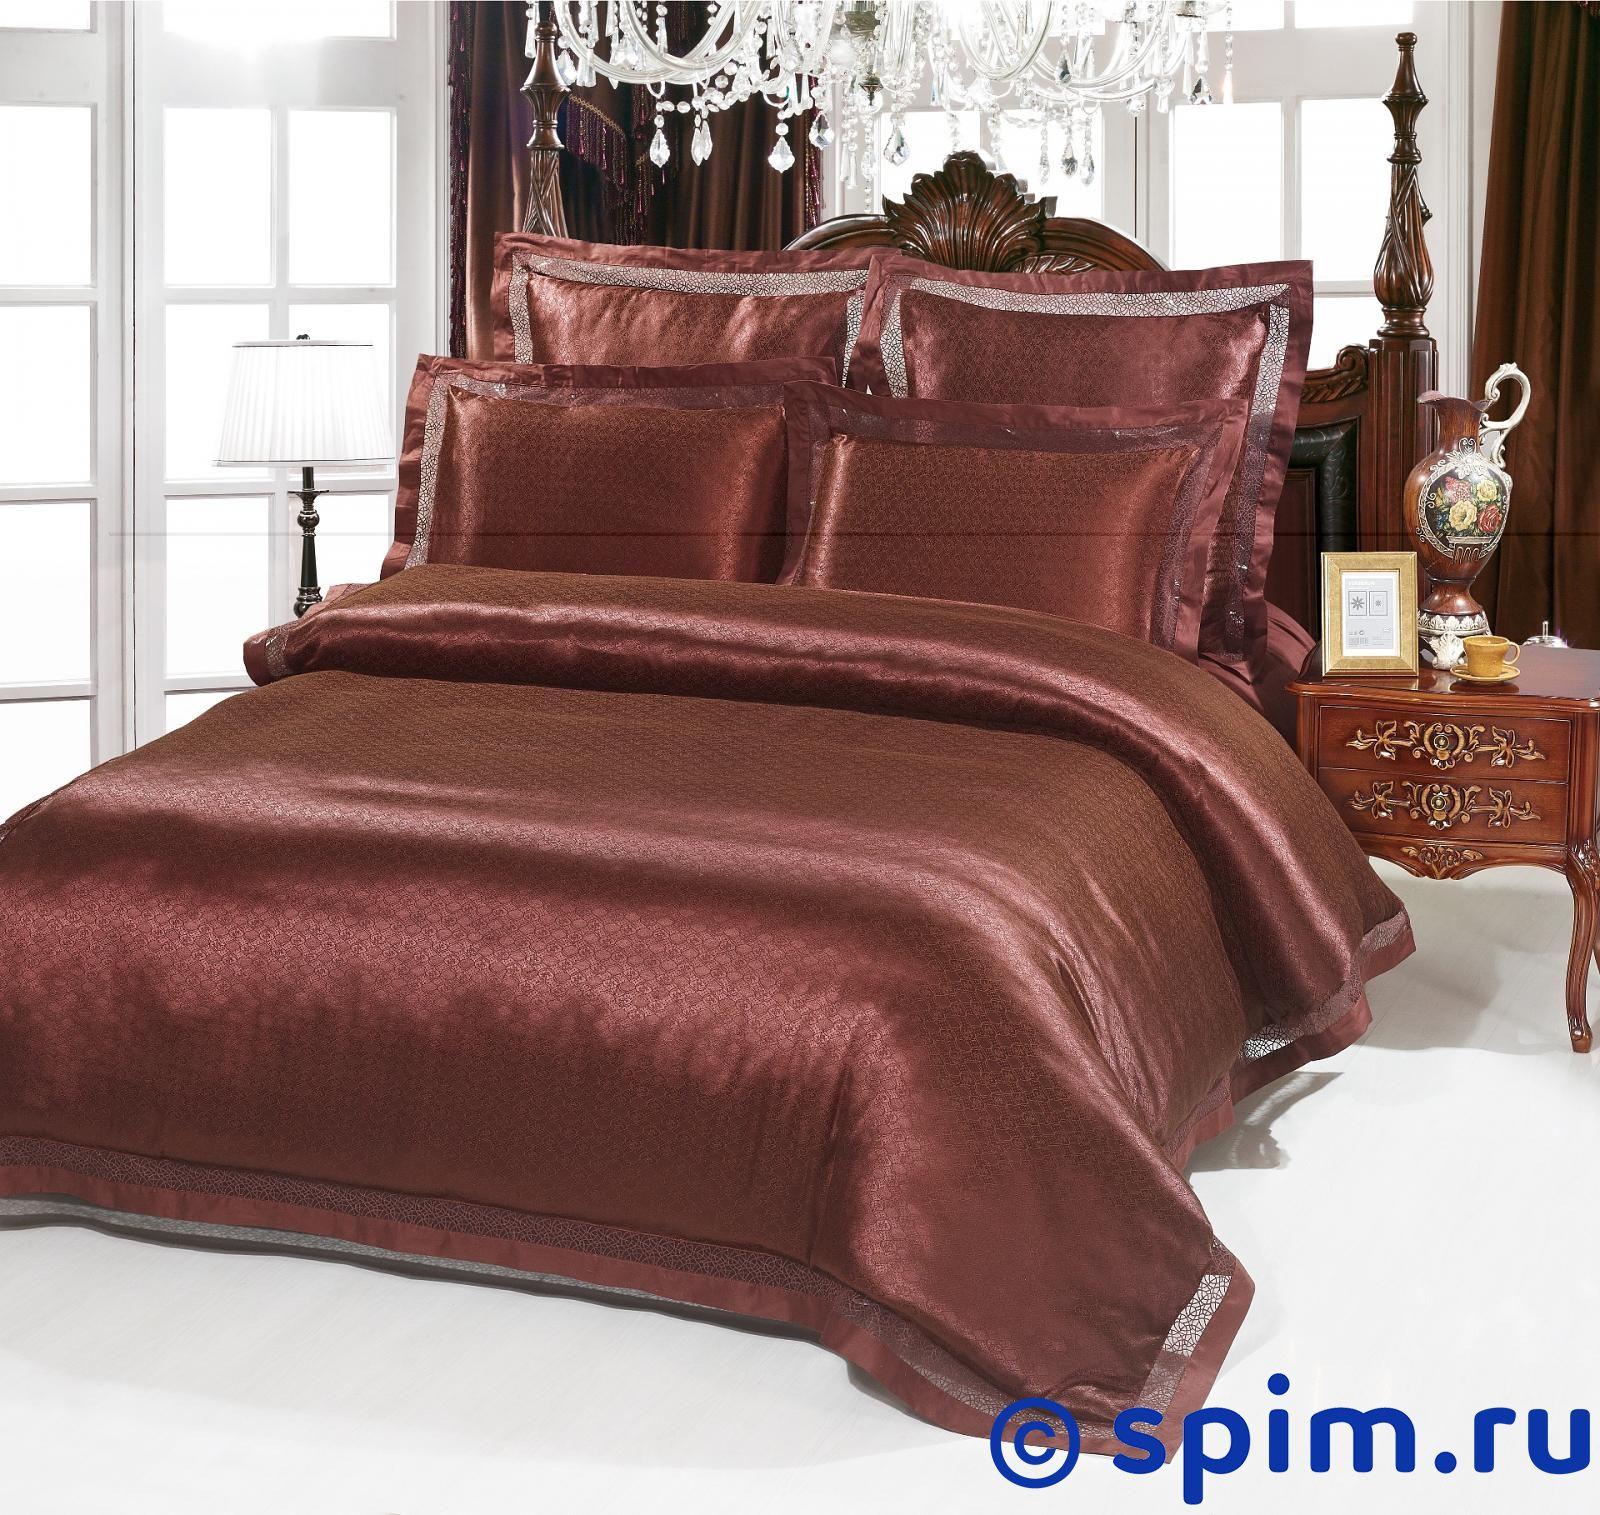 Комплект Kingsilk Sb-115 2 спальное